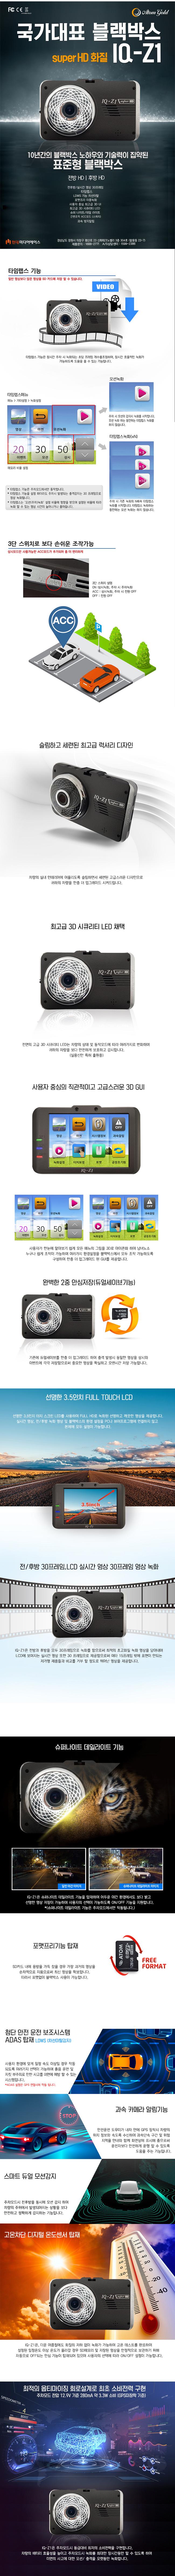 [광주매장 이벤트]현대미디어에이스  아톰골드 블랙박스 IQ-Z1, SuperHD16GB 2CH (광주직매장 무료장착)